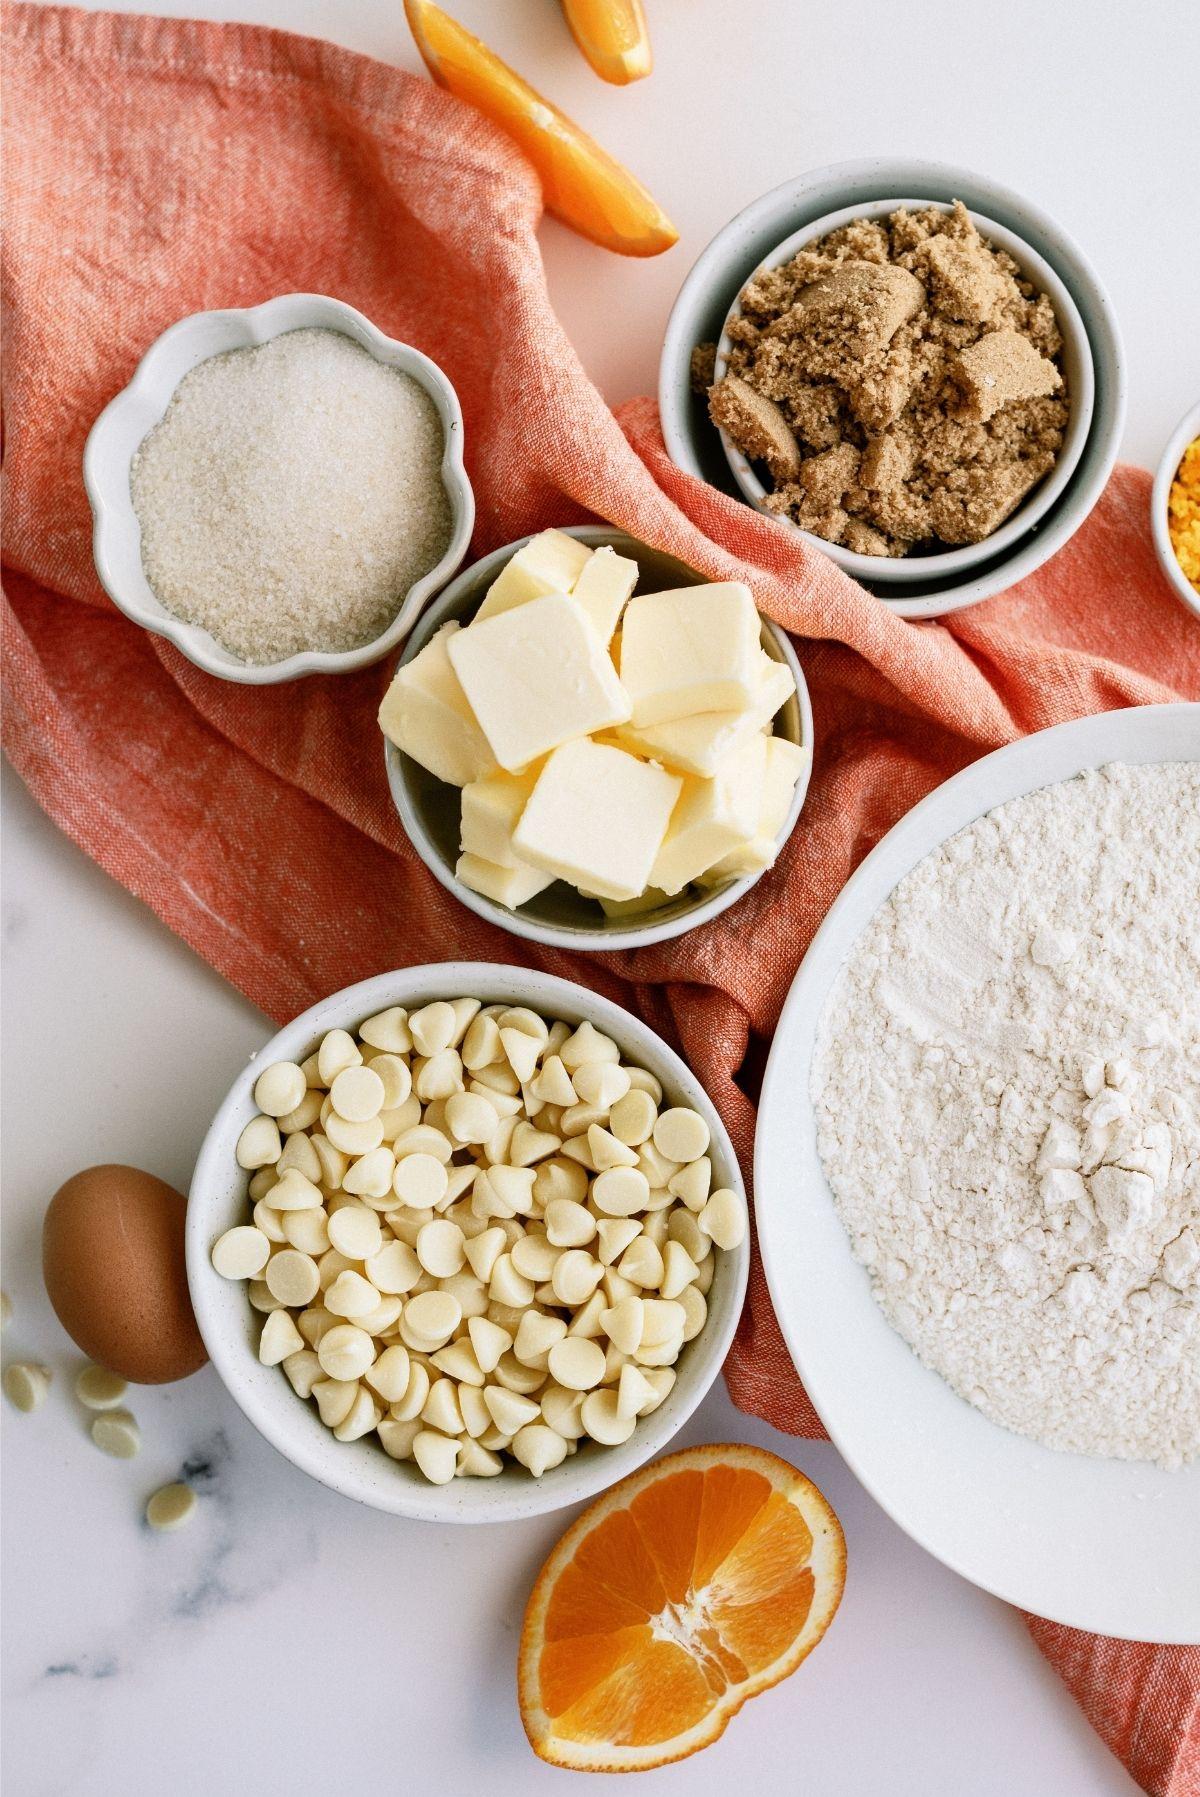 Ingredients for Orange Creamsicle Cookies Recipe